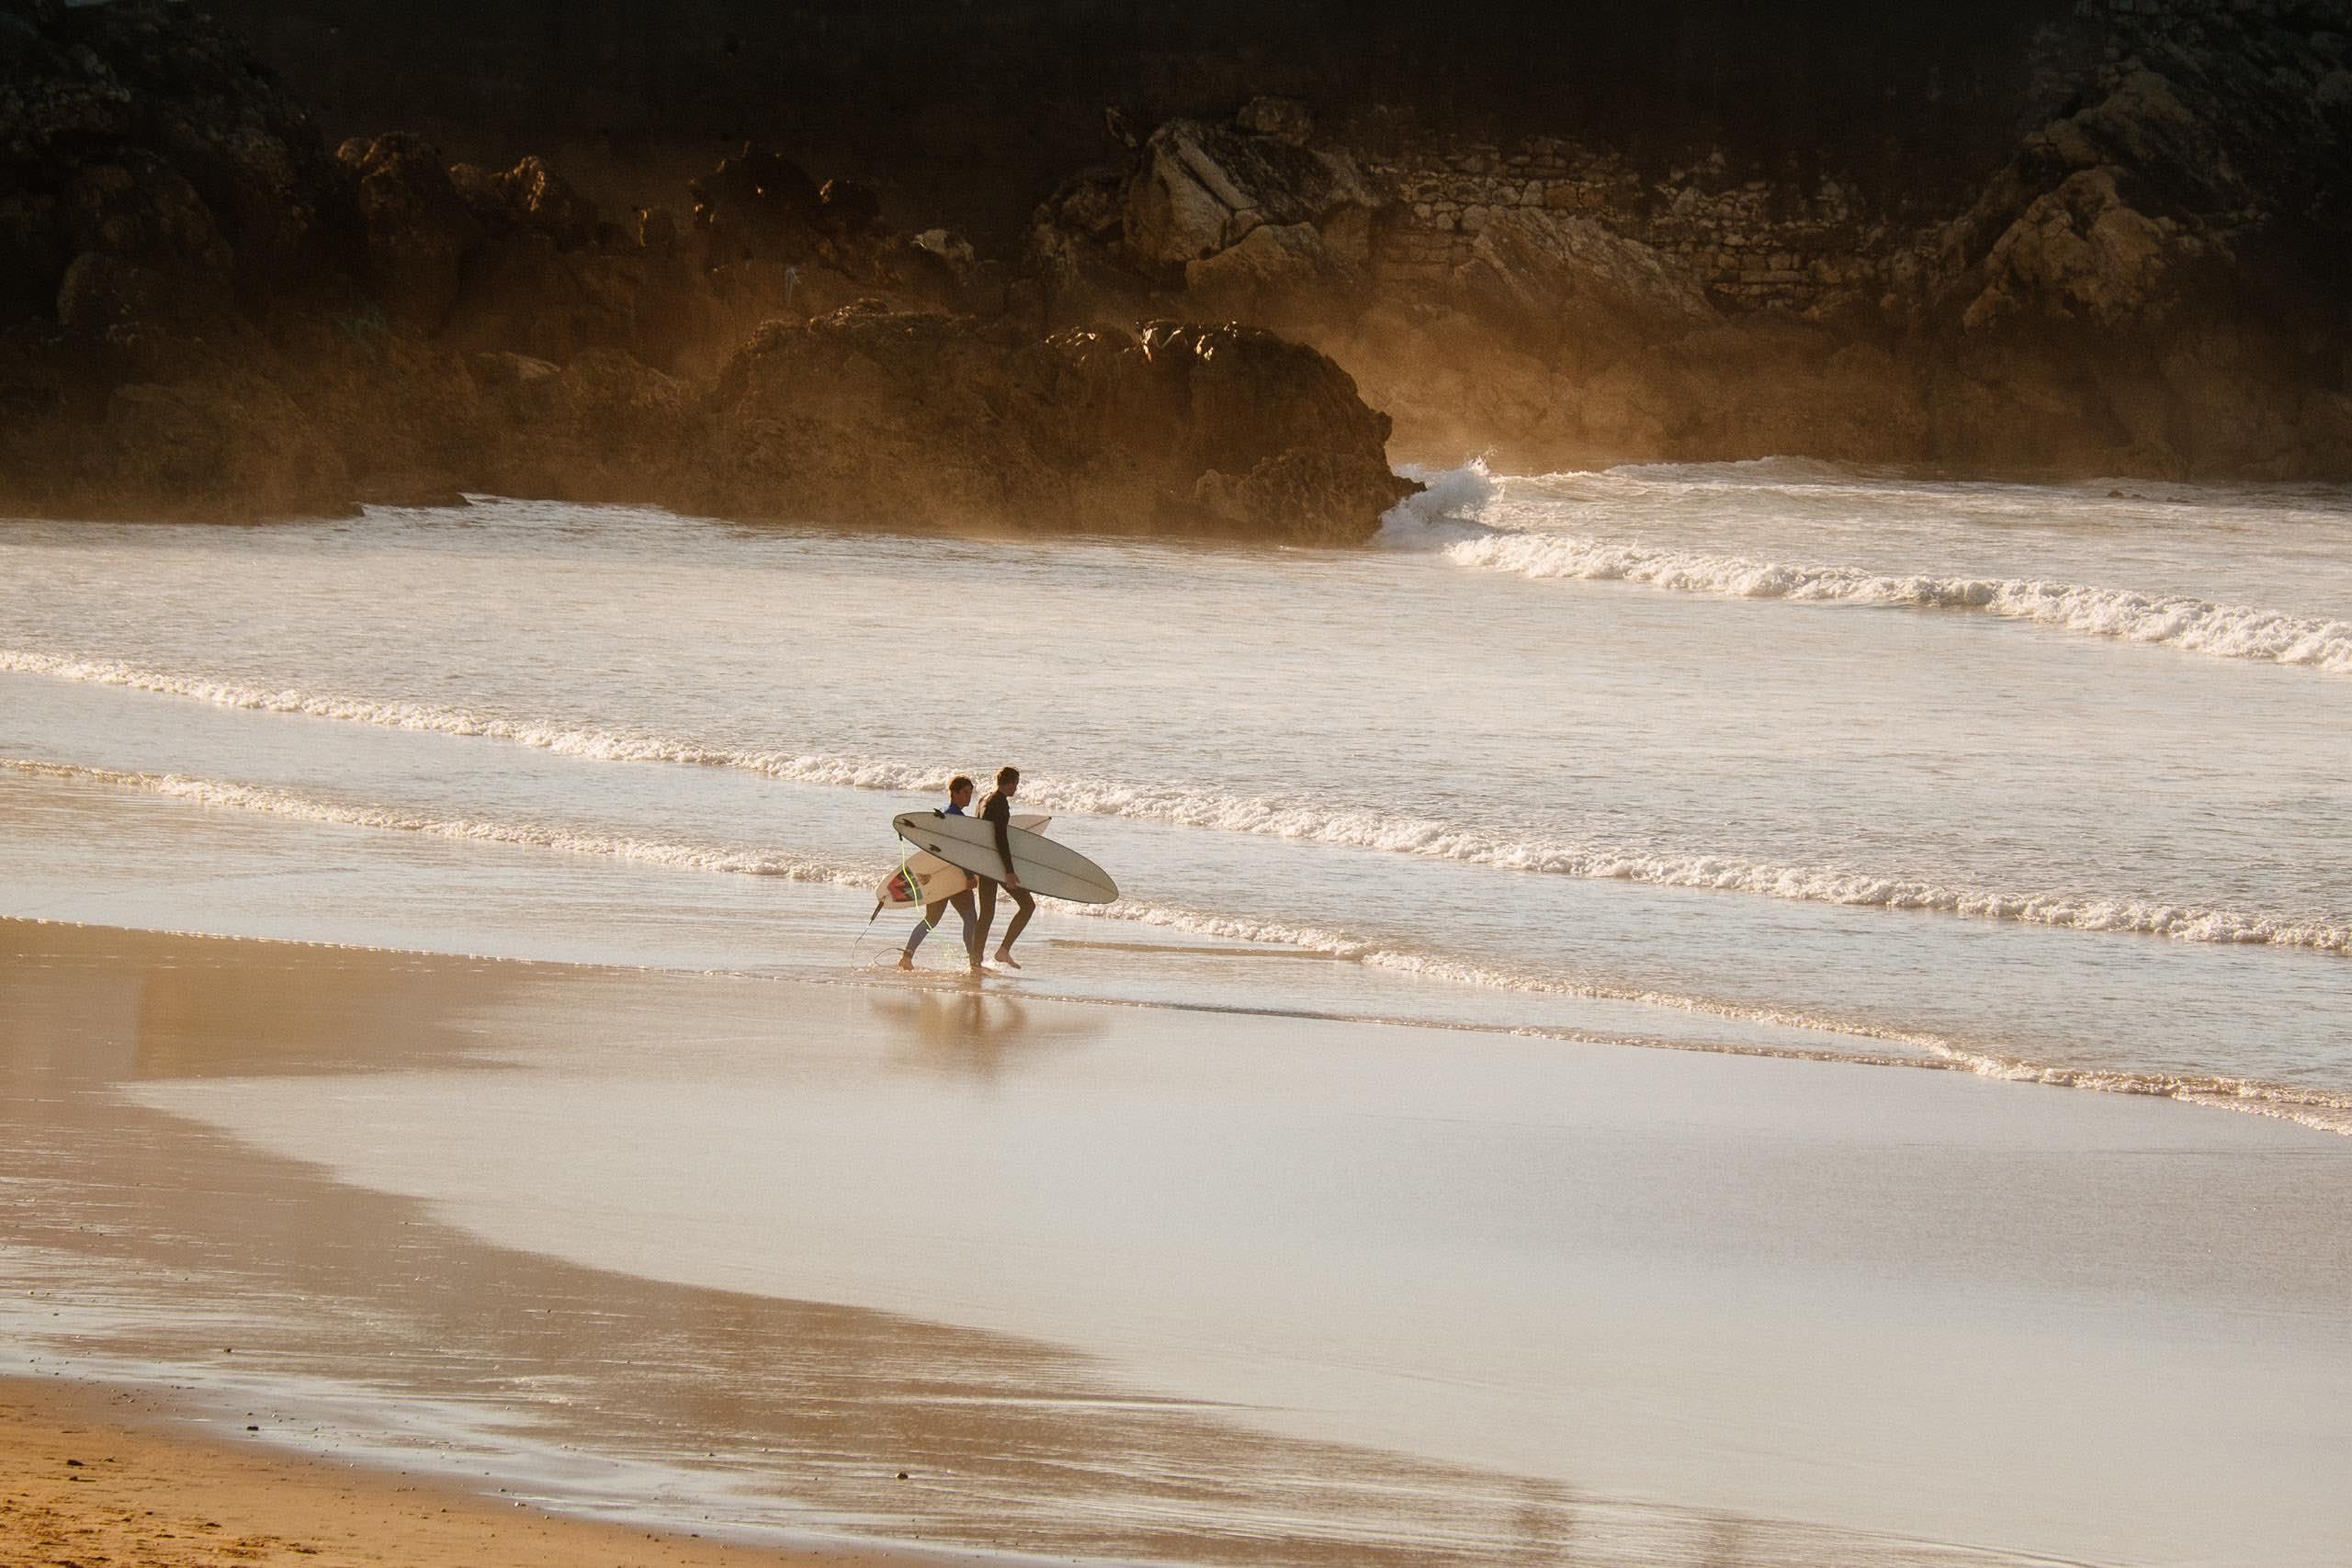 Surfing in Peniche Portugal